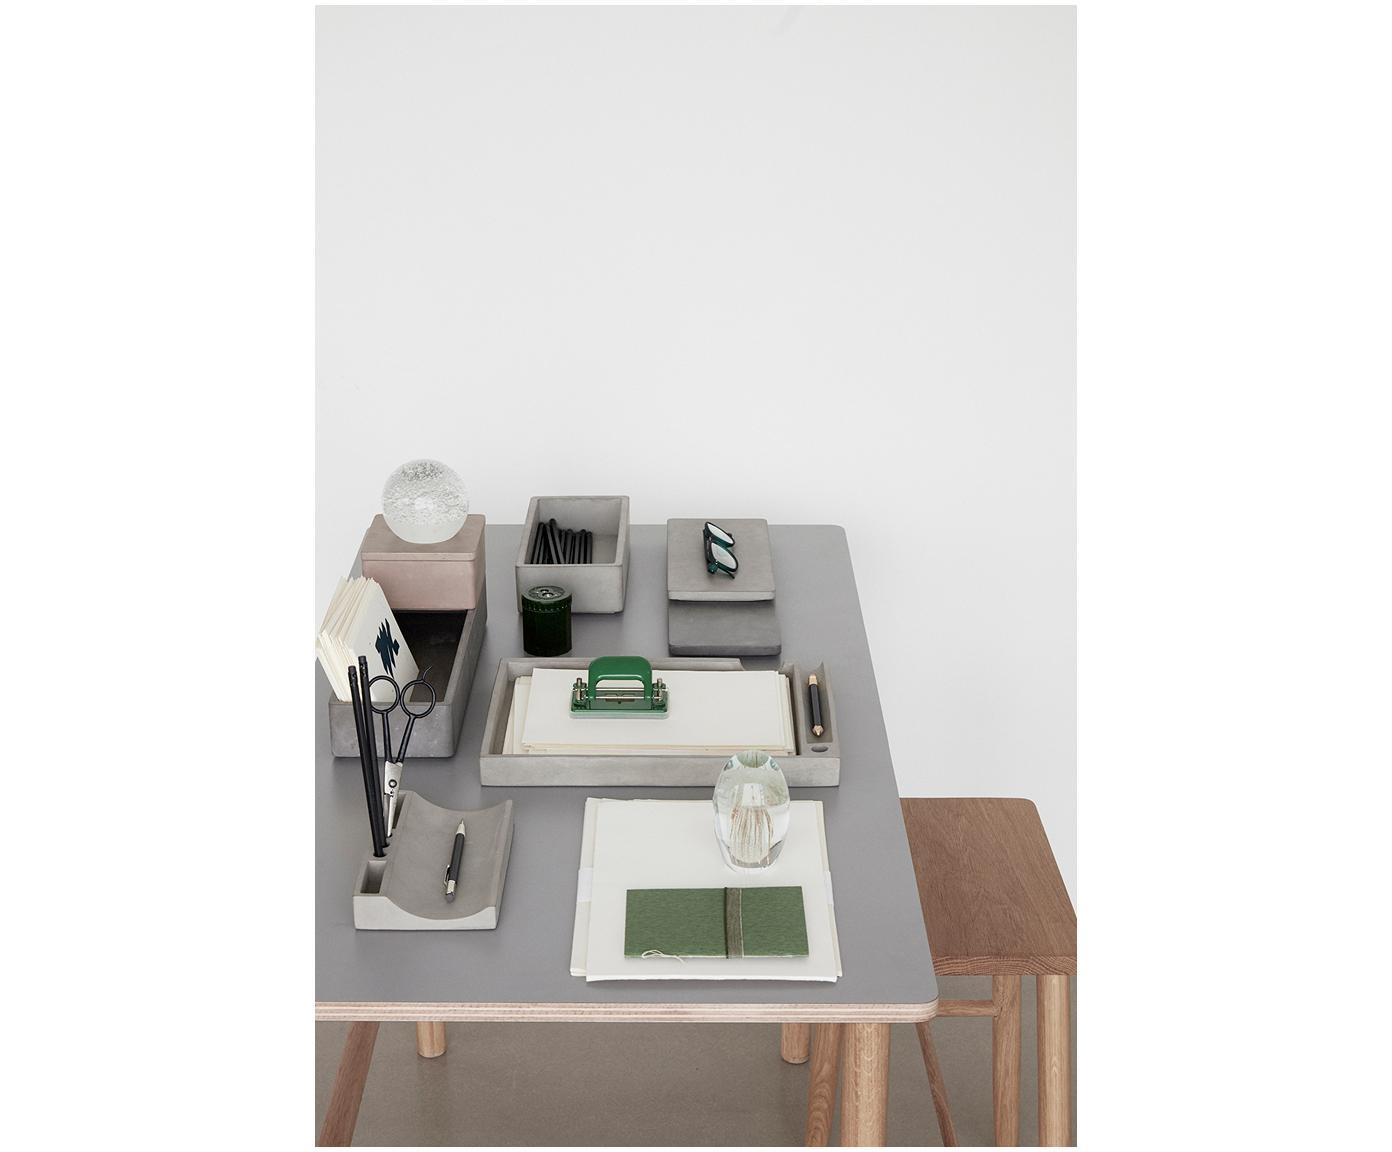 Schere Aurora, Stahl, Griff: SchwarzKlinge: Stahl, 22 x 7 cm